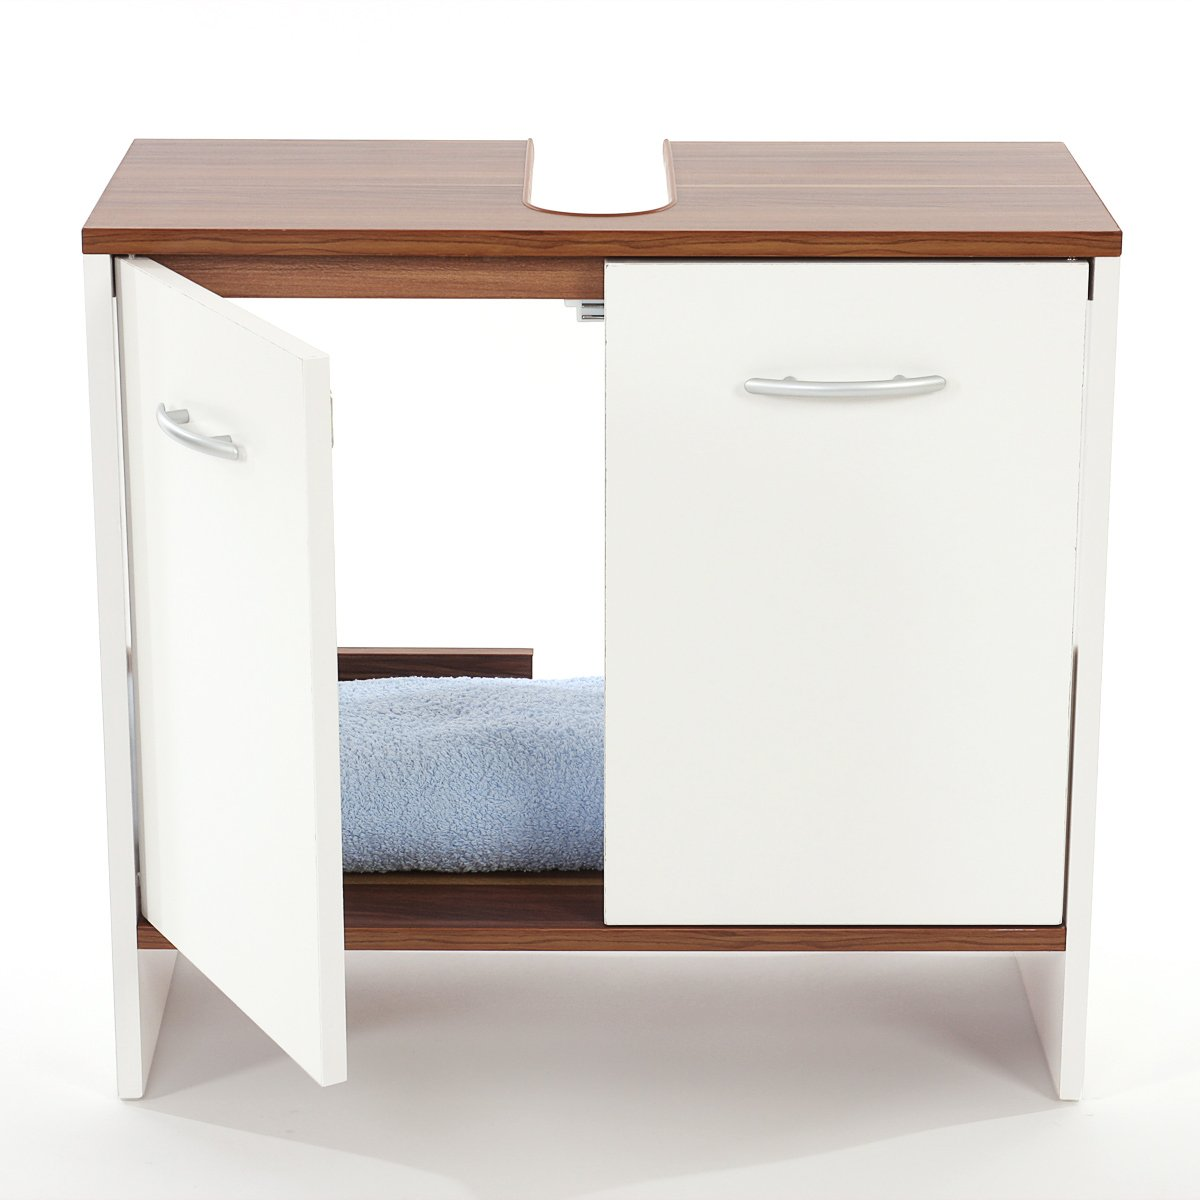 Mueble para el lavabo viola con dos cajones muy espaciosos Mueble para lavabo